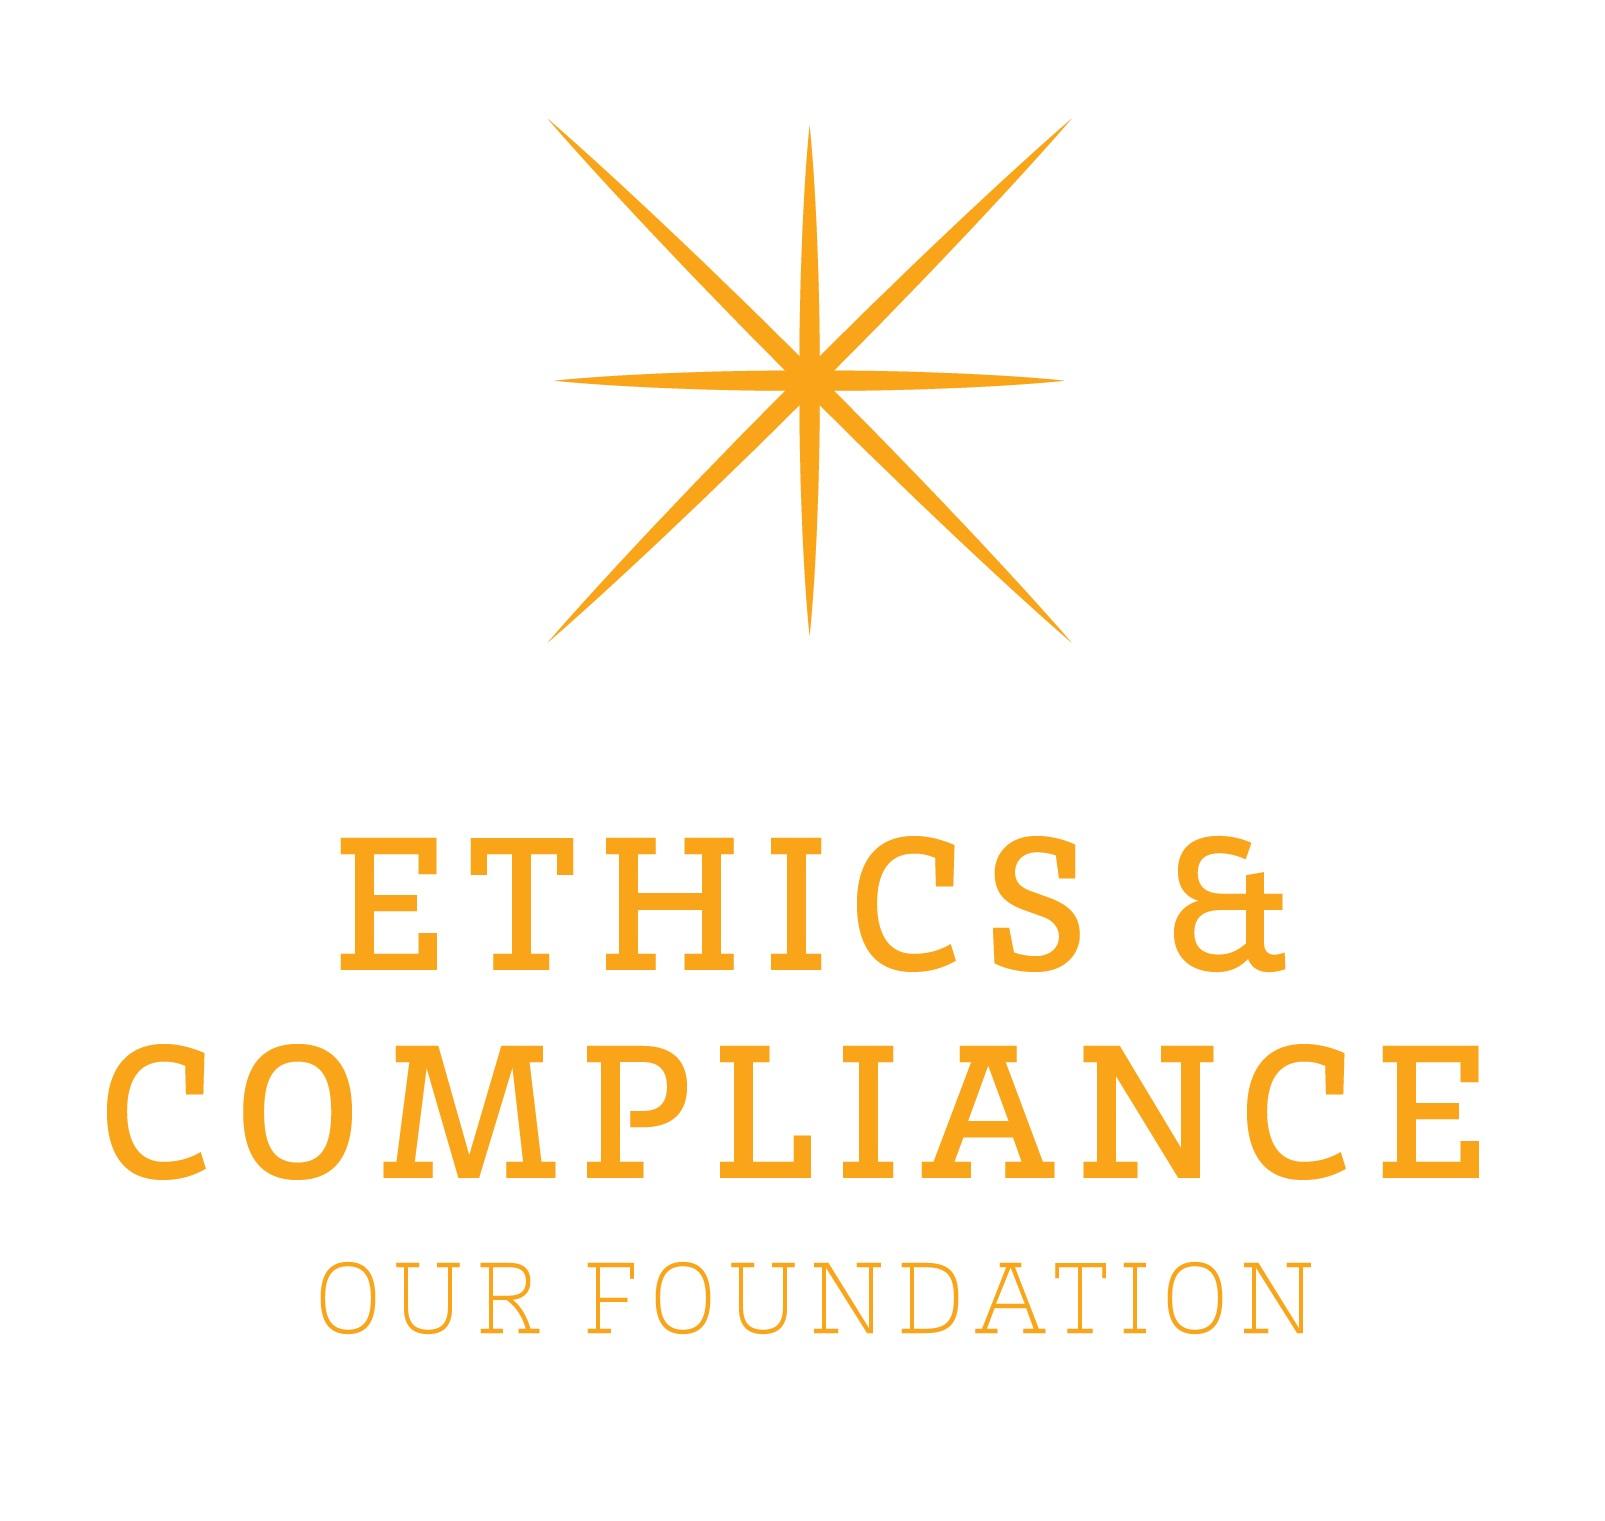 https://cdn.kscope.io/f133875baa92953ea242de7f777a9d95-ethicsandcompliance2.jpg